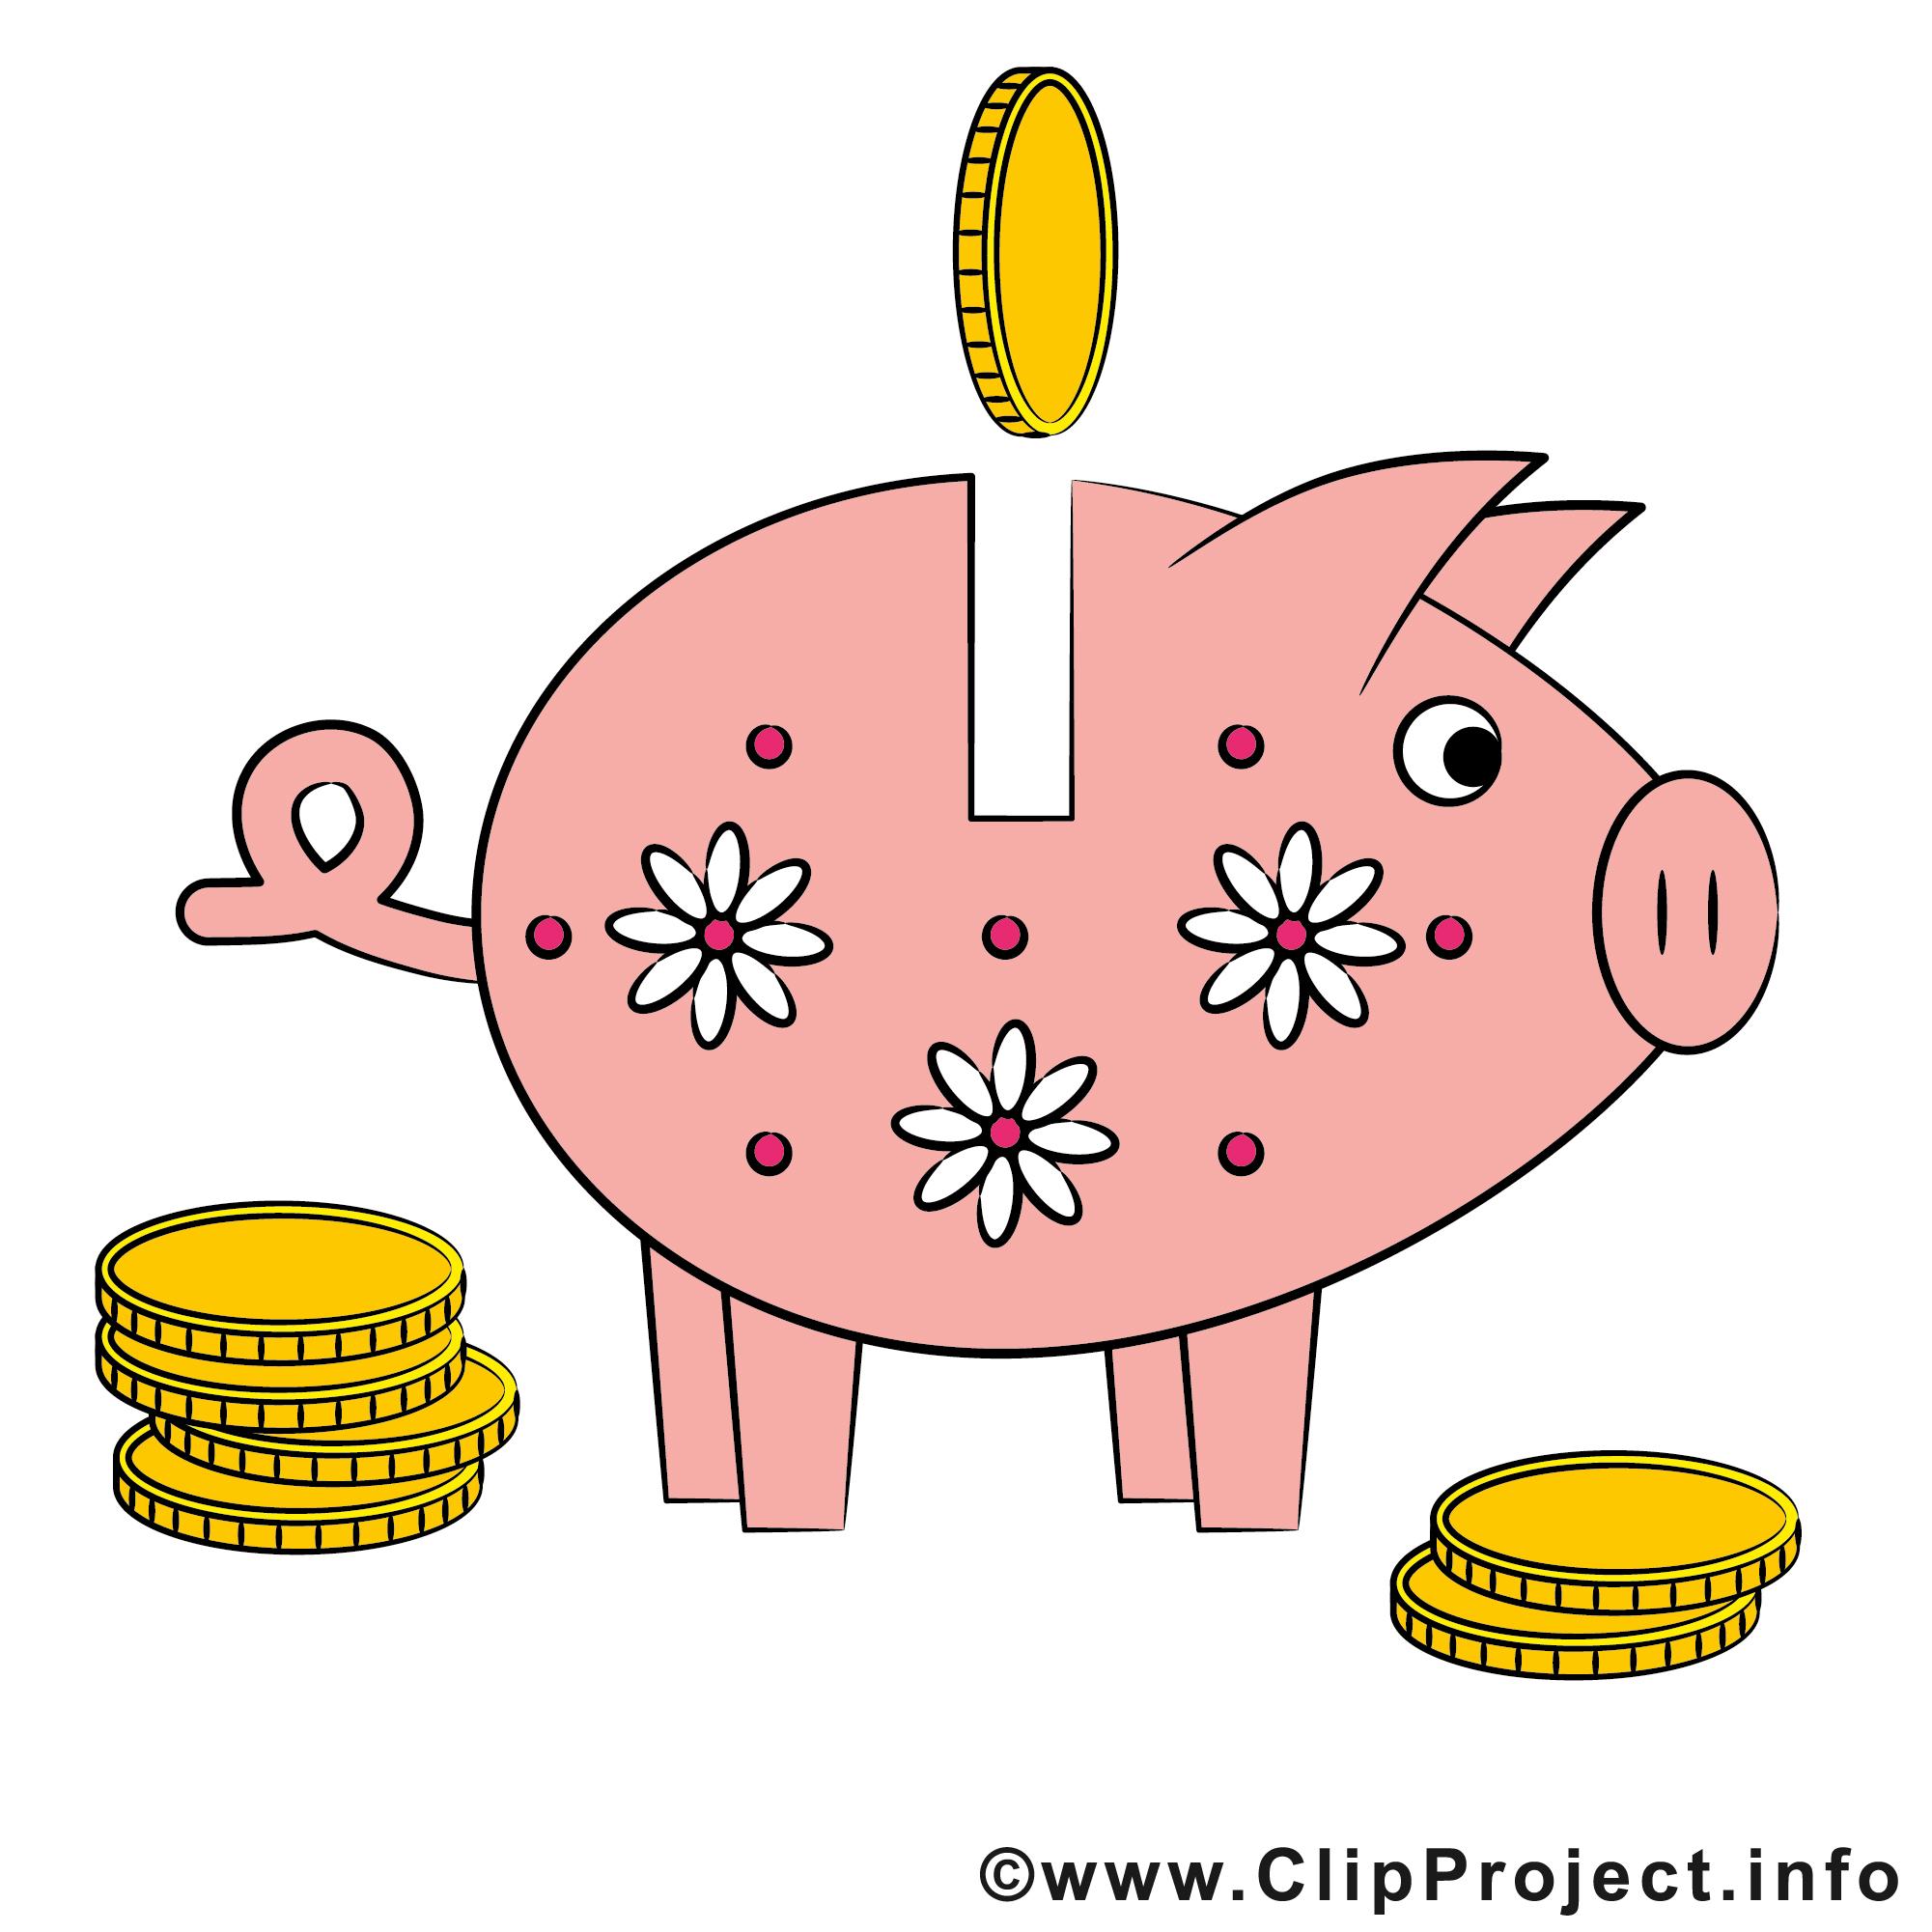 Cochon tirelire images argent clip art gratuit divers - Tirelire dessin ...